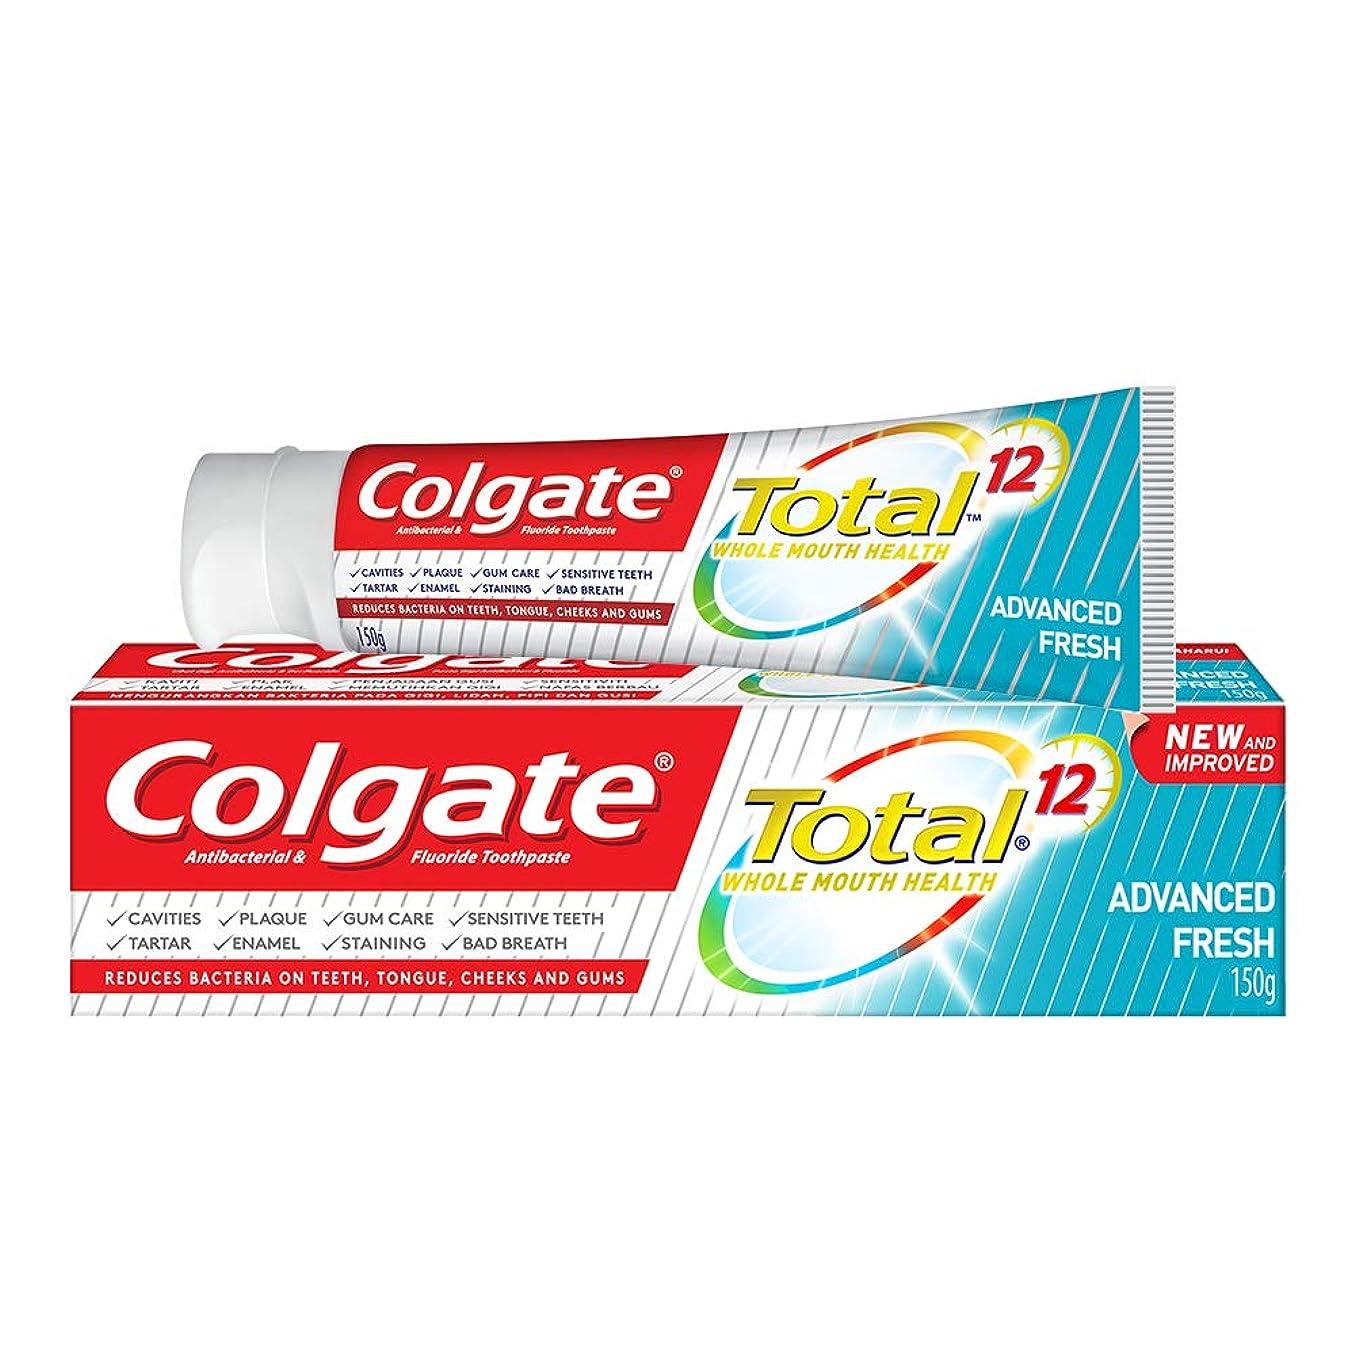 マイコン花弁オープナーColgate コルゲート トータル トゥースペースト 150g (歯磨き粉) 【歯磨き粉、虫歯予防、アメリカン雑貨】